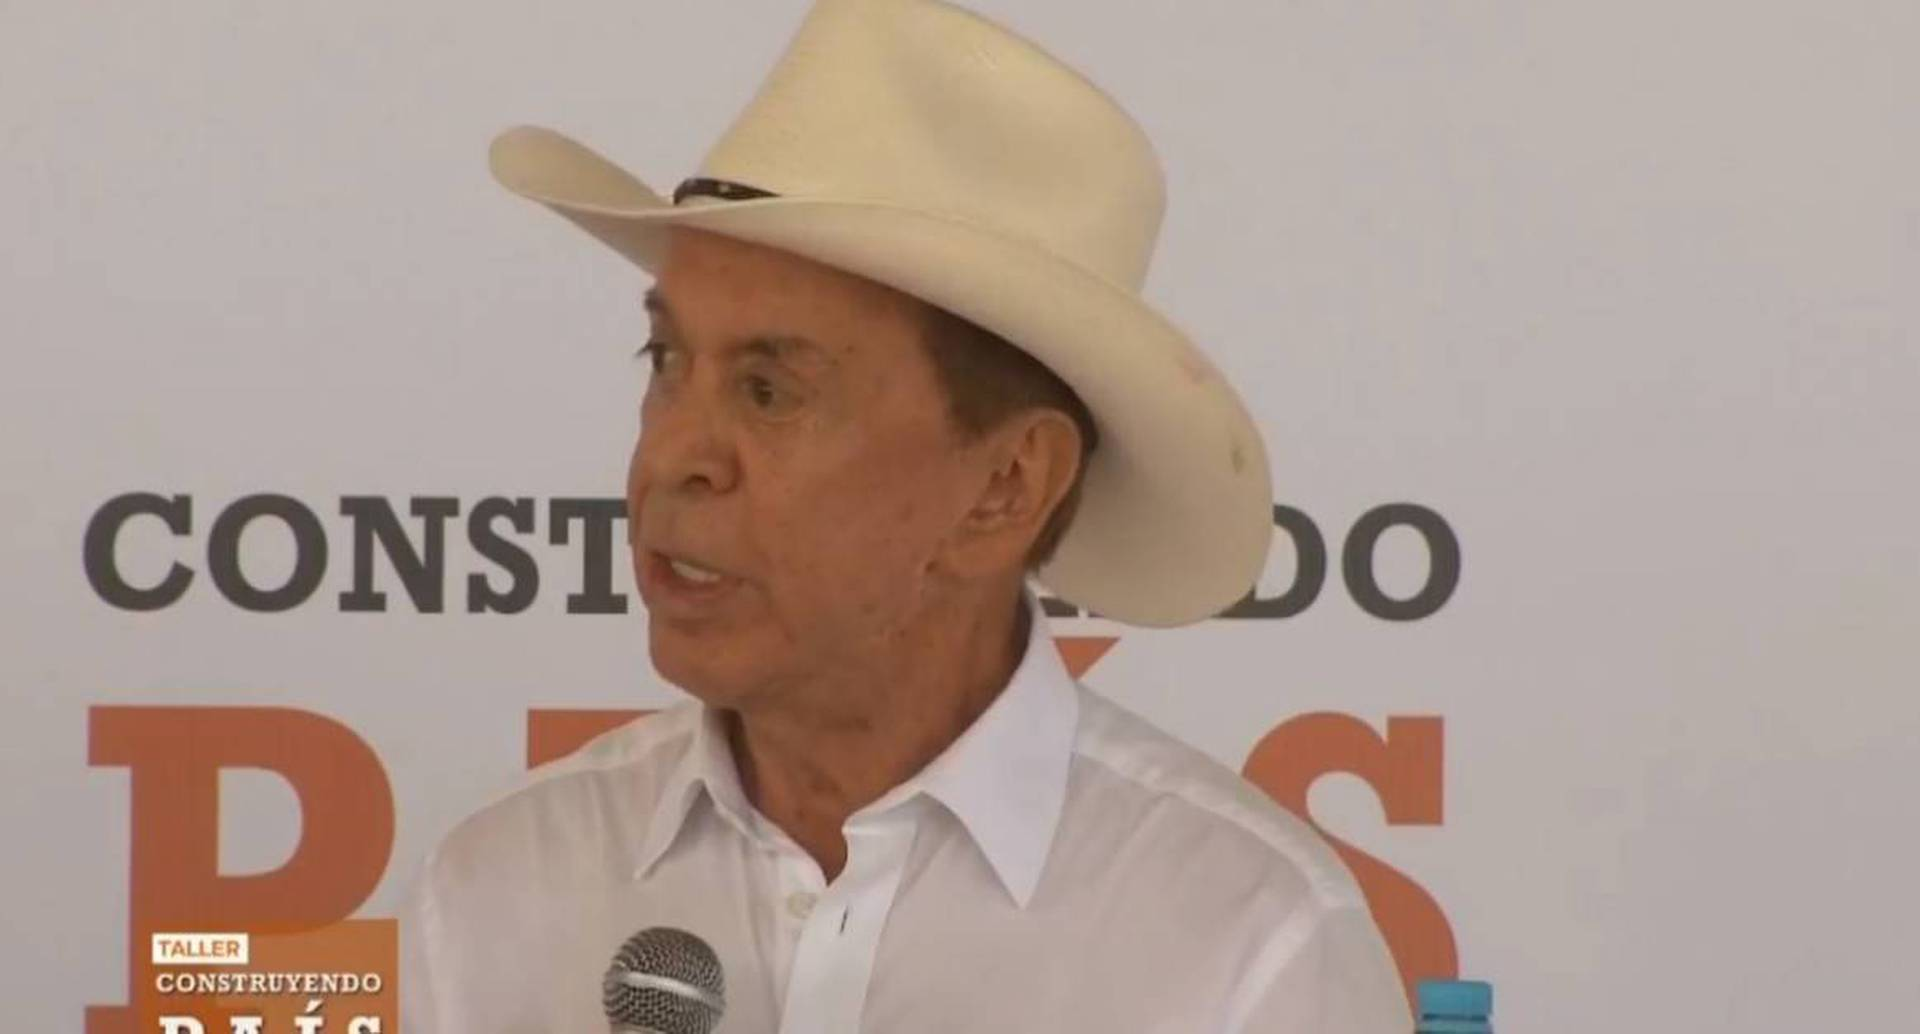 Nebio Echeverry, gobernador de Guaviare, durante su intervención en el taller Construyendo País, en San José del Guaviare. Foto: Presidencia de la República